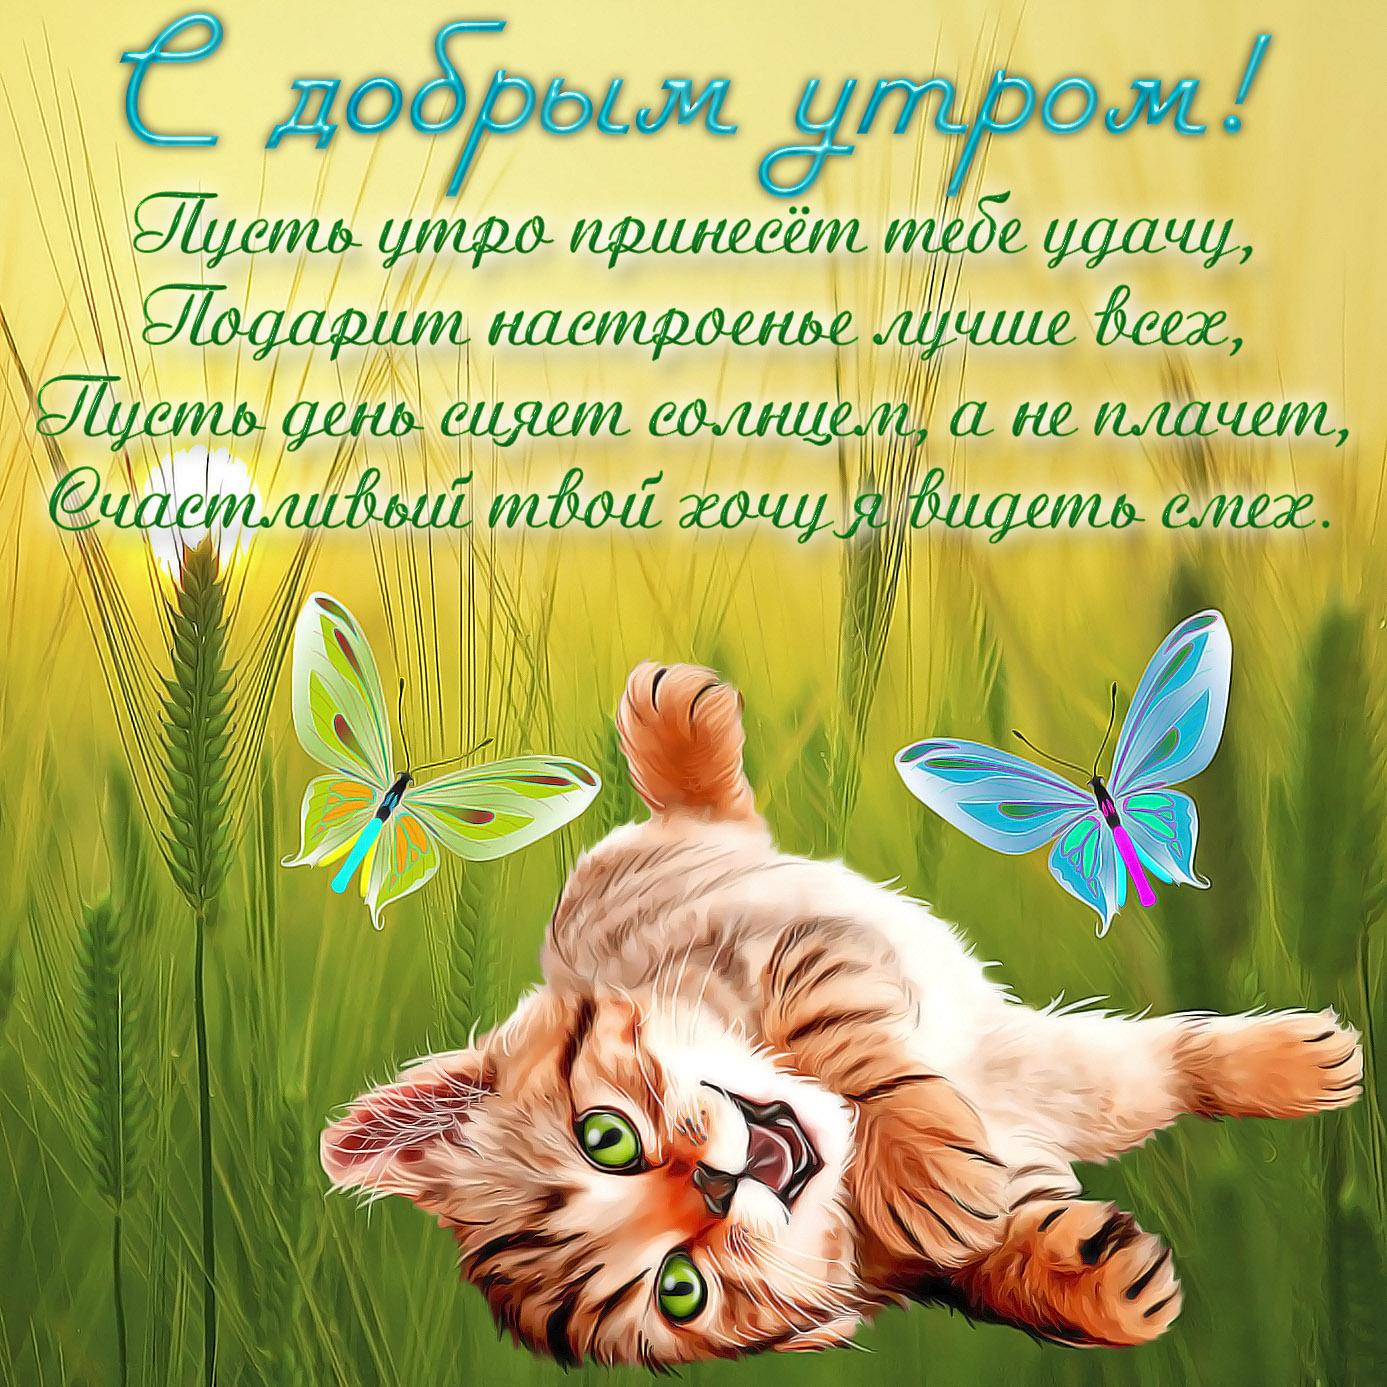 Открытка с рыжим котёнком и бабочками